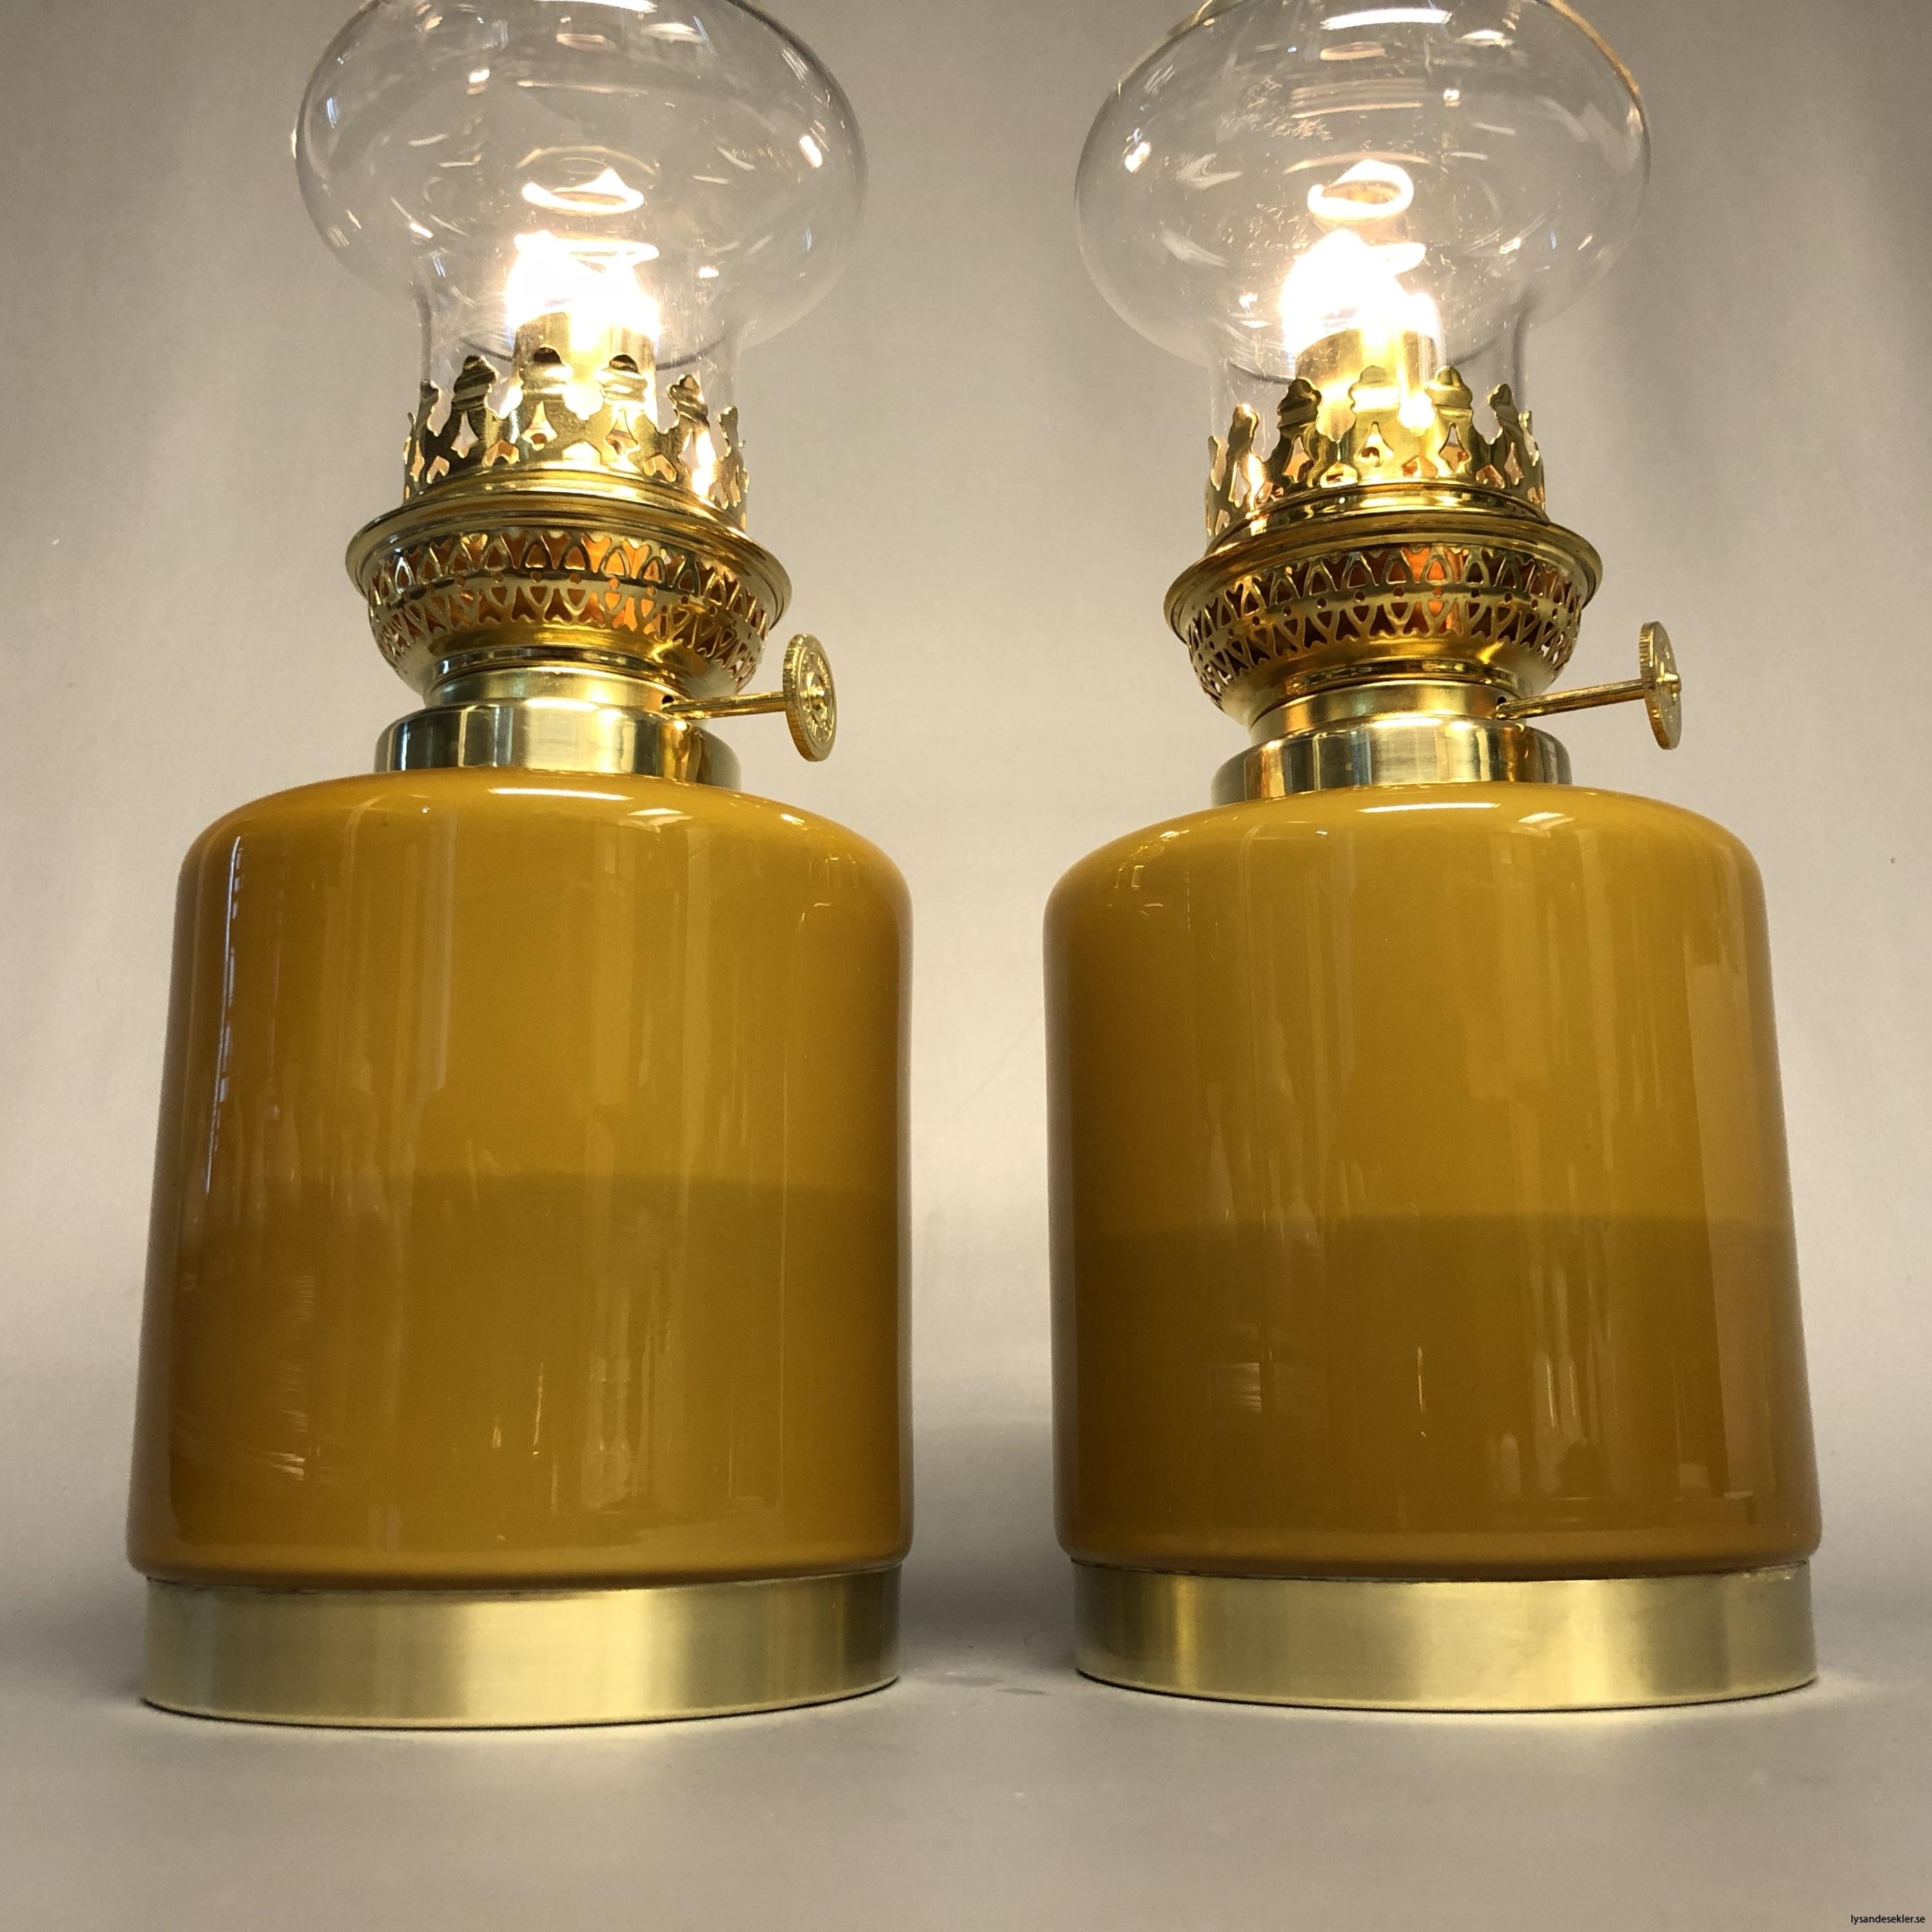 fotogenlampa fotogenlampor oljelampa oljelampor renoverad antik antikvitet15